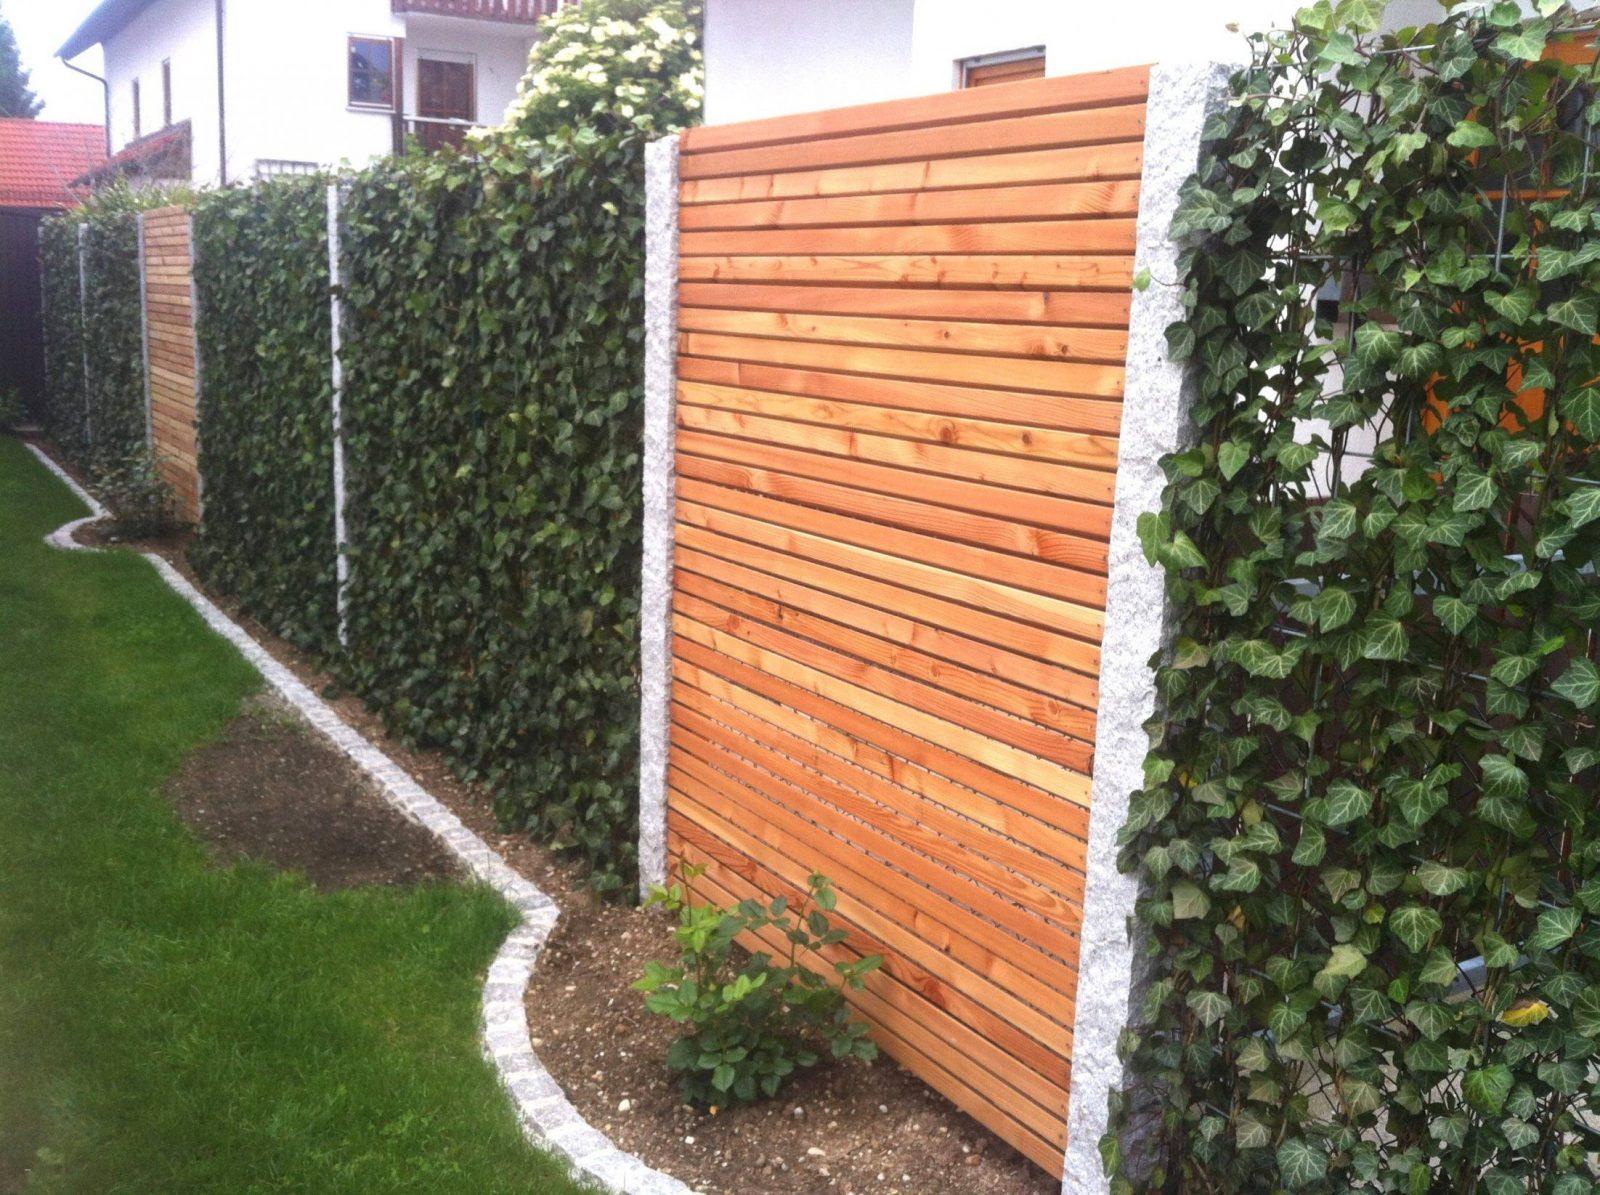 Sichtschutz Garten Holz Neu Einzigartig Kreativer Sichtschutz Selber von Kreativer Sichtschutz Selber Bauen Bild